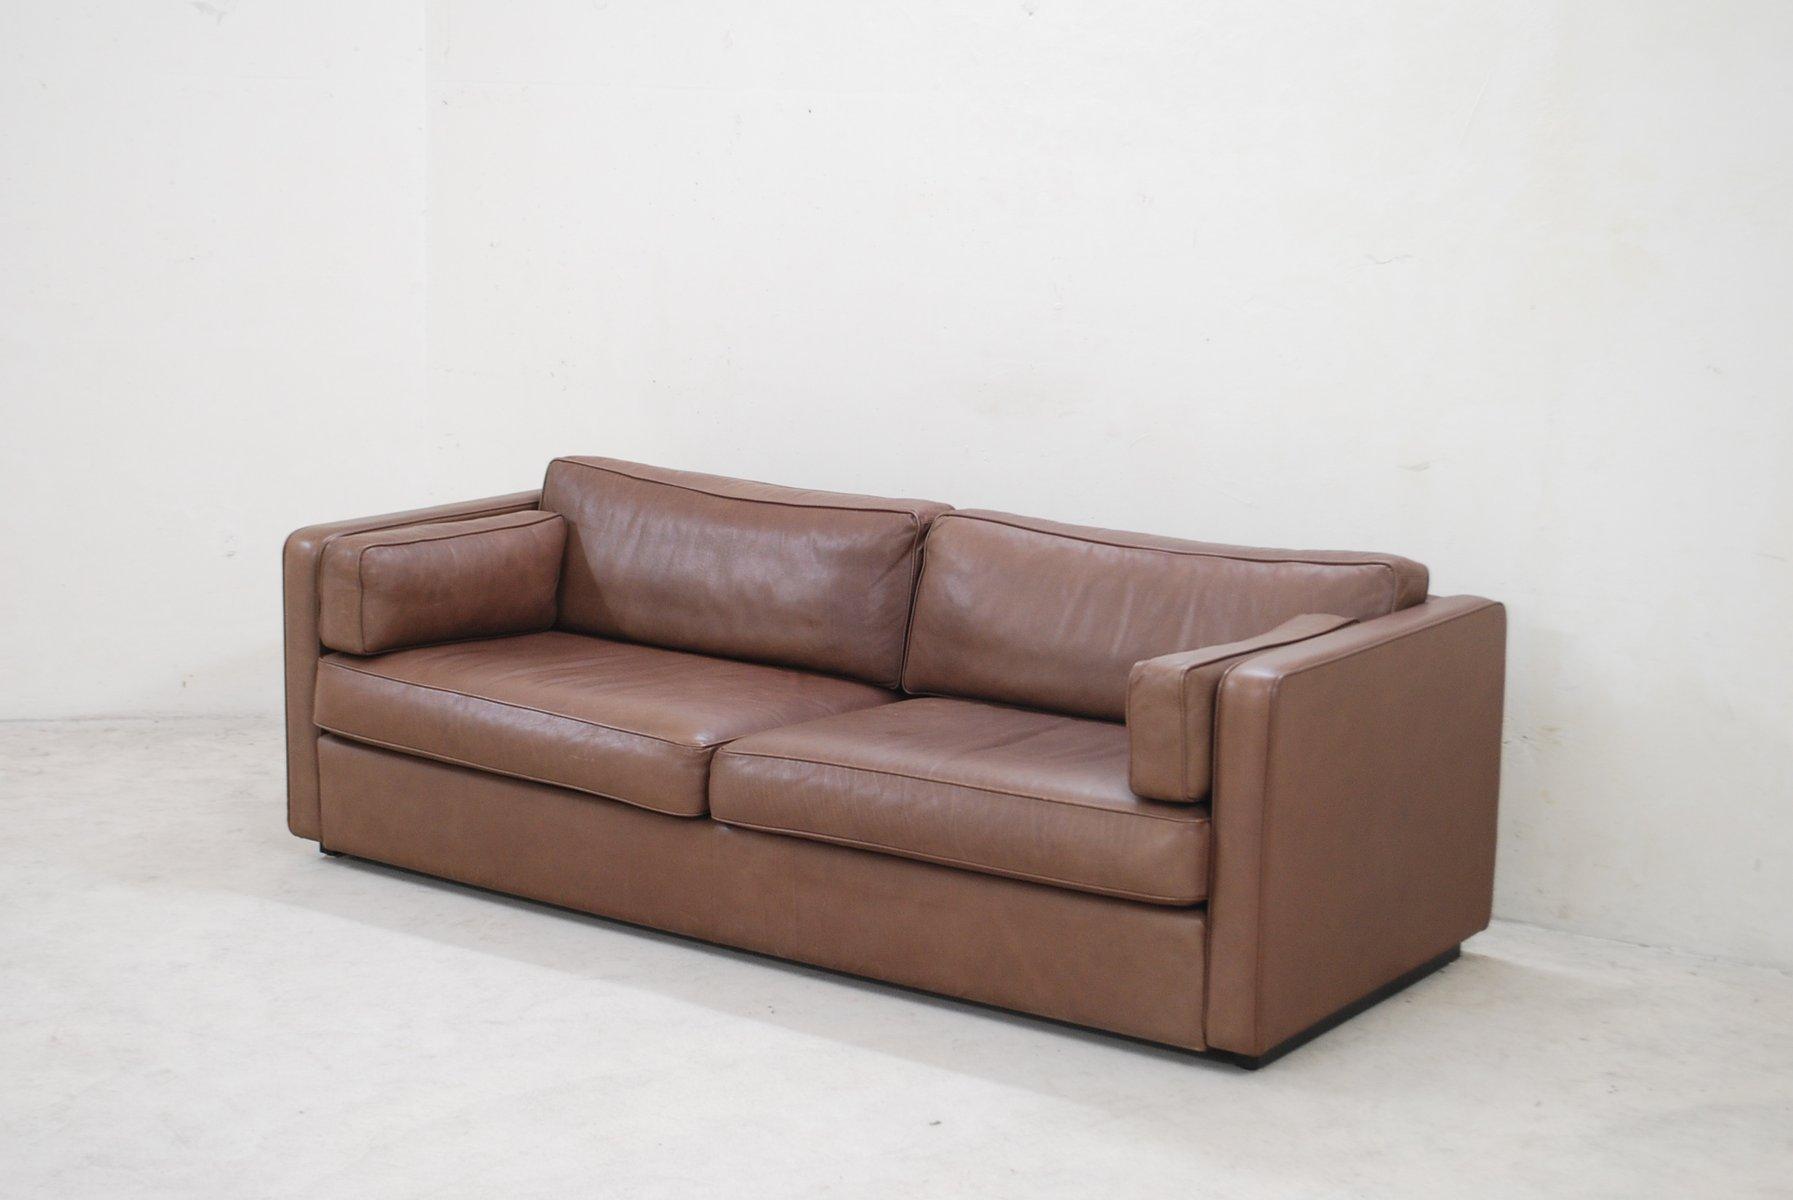 vintage ej 430 3 sofa aus braunem leder von erik joergensen bei pamono kaufen. Black Bedroom Furniture Sets. Home Design Ideas